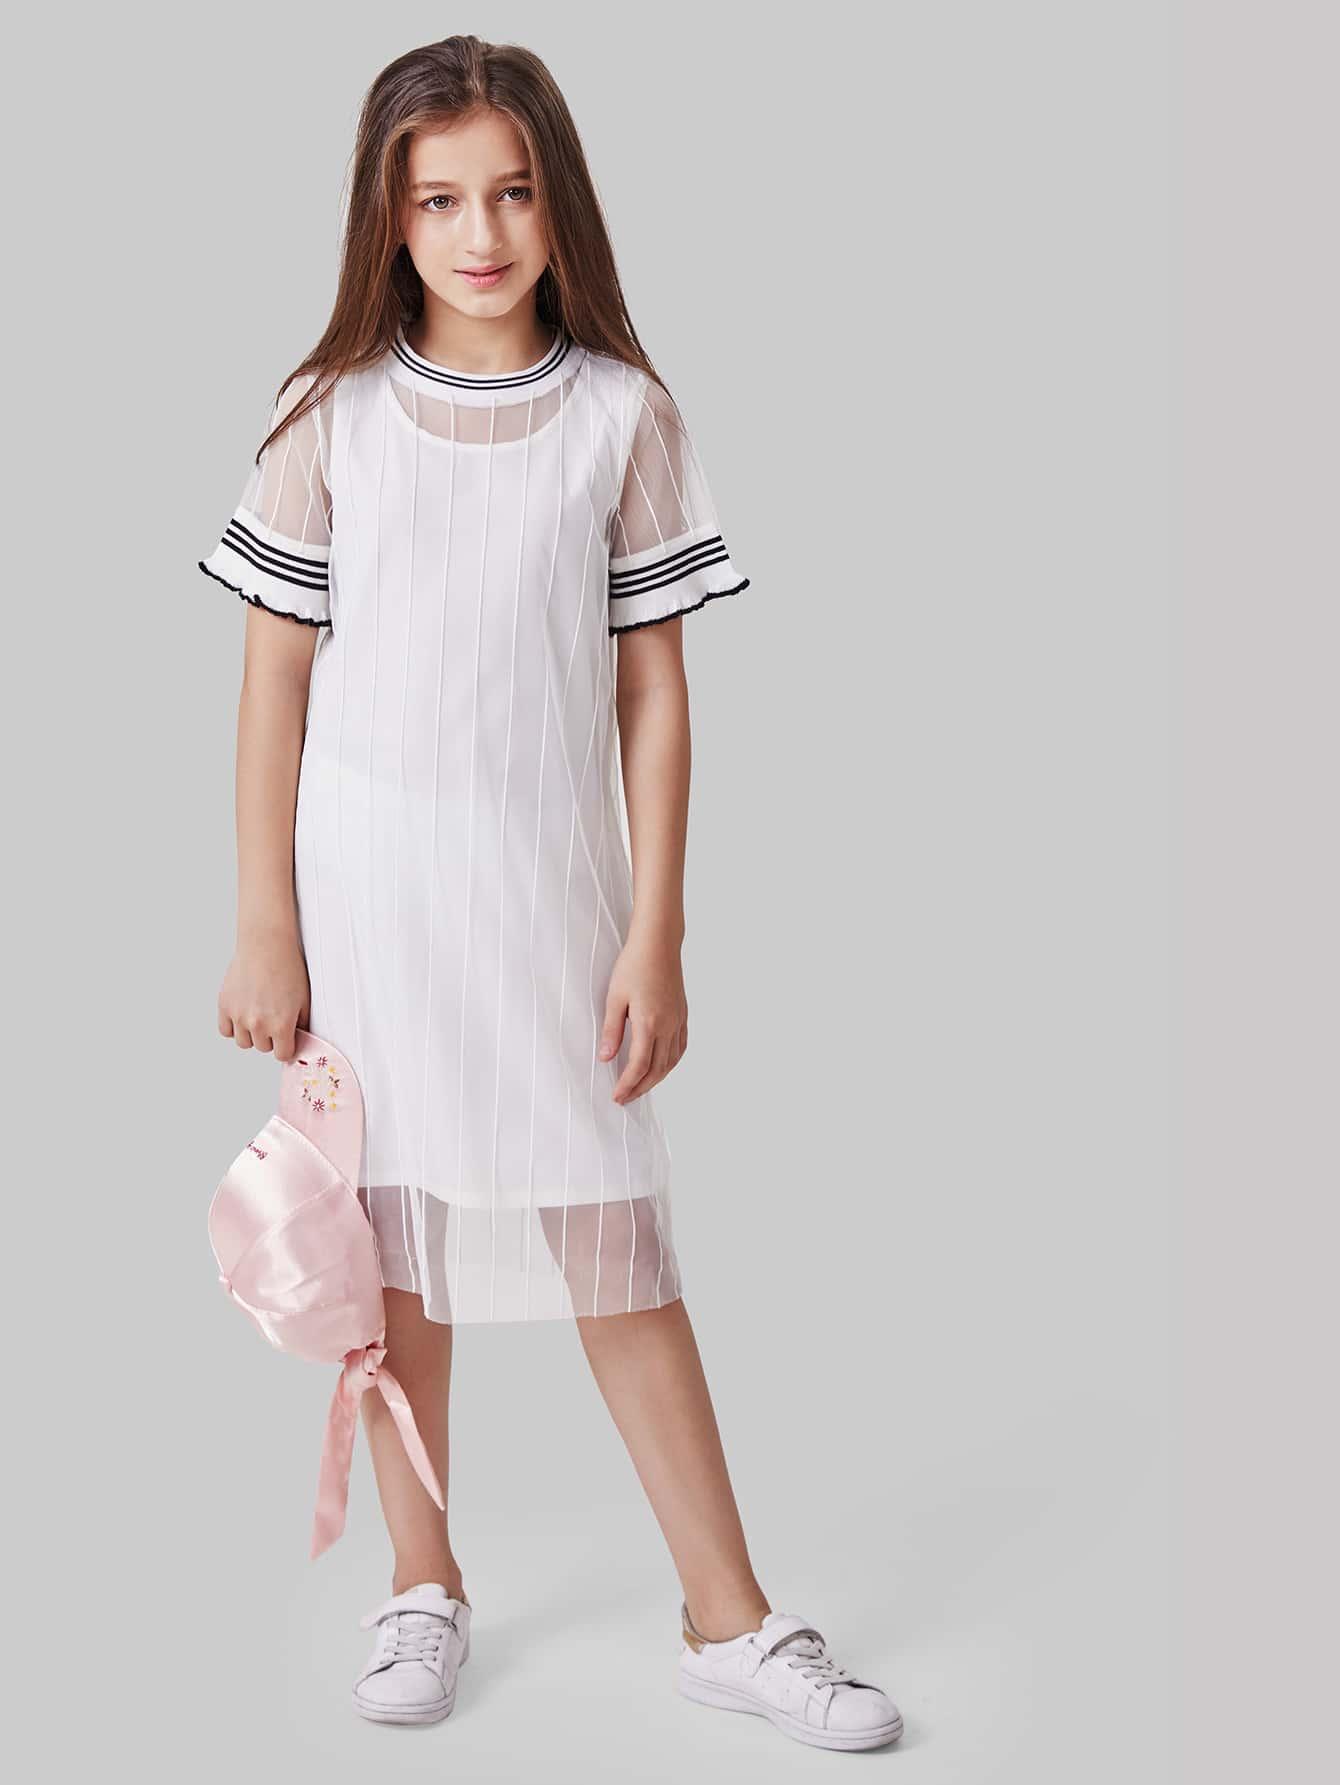 Girls Sheer Mesh Striped Dress With Vest Dress Insert skull print sheer mesh dress